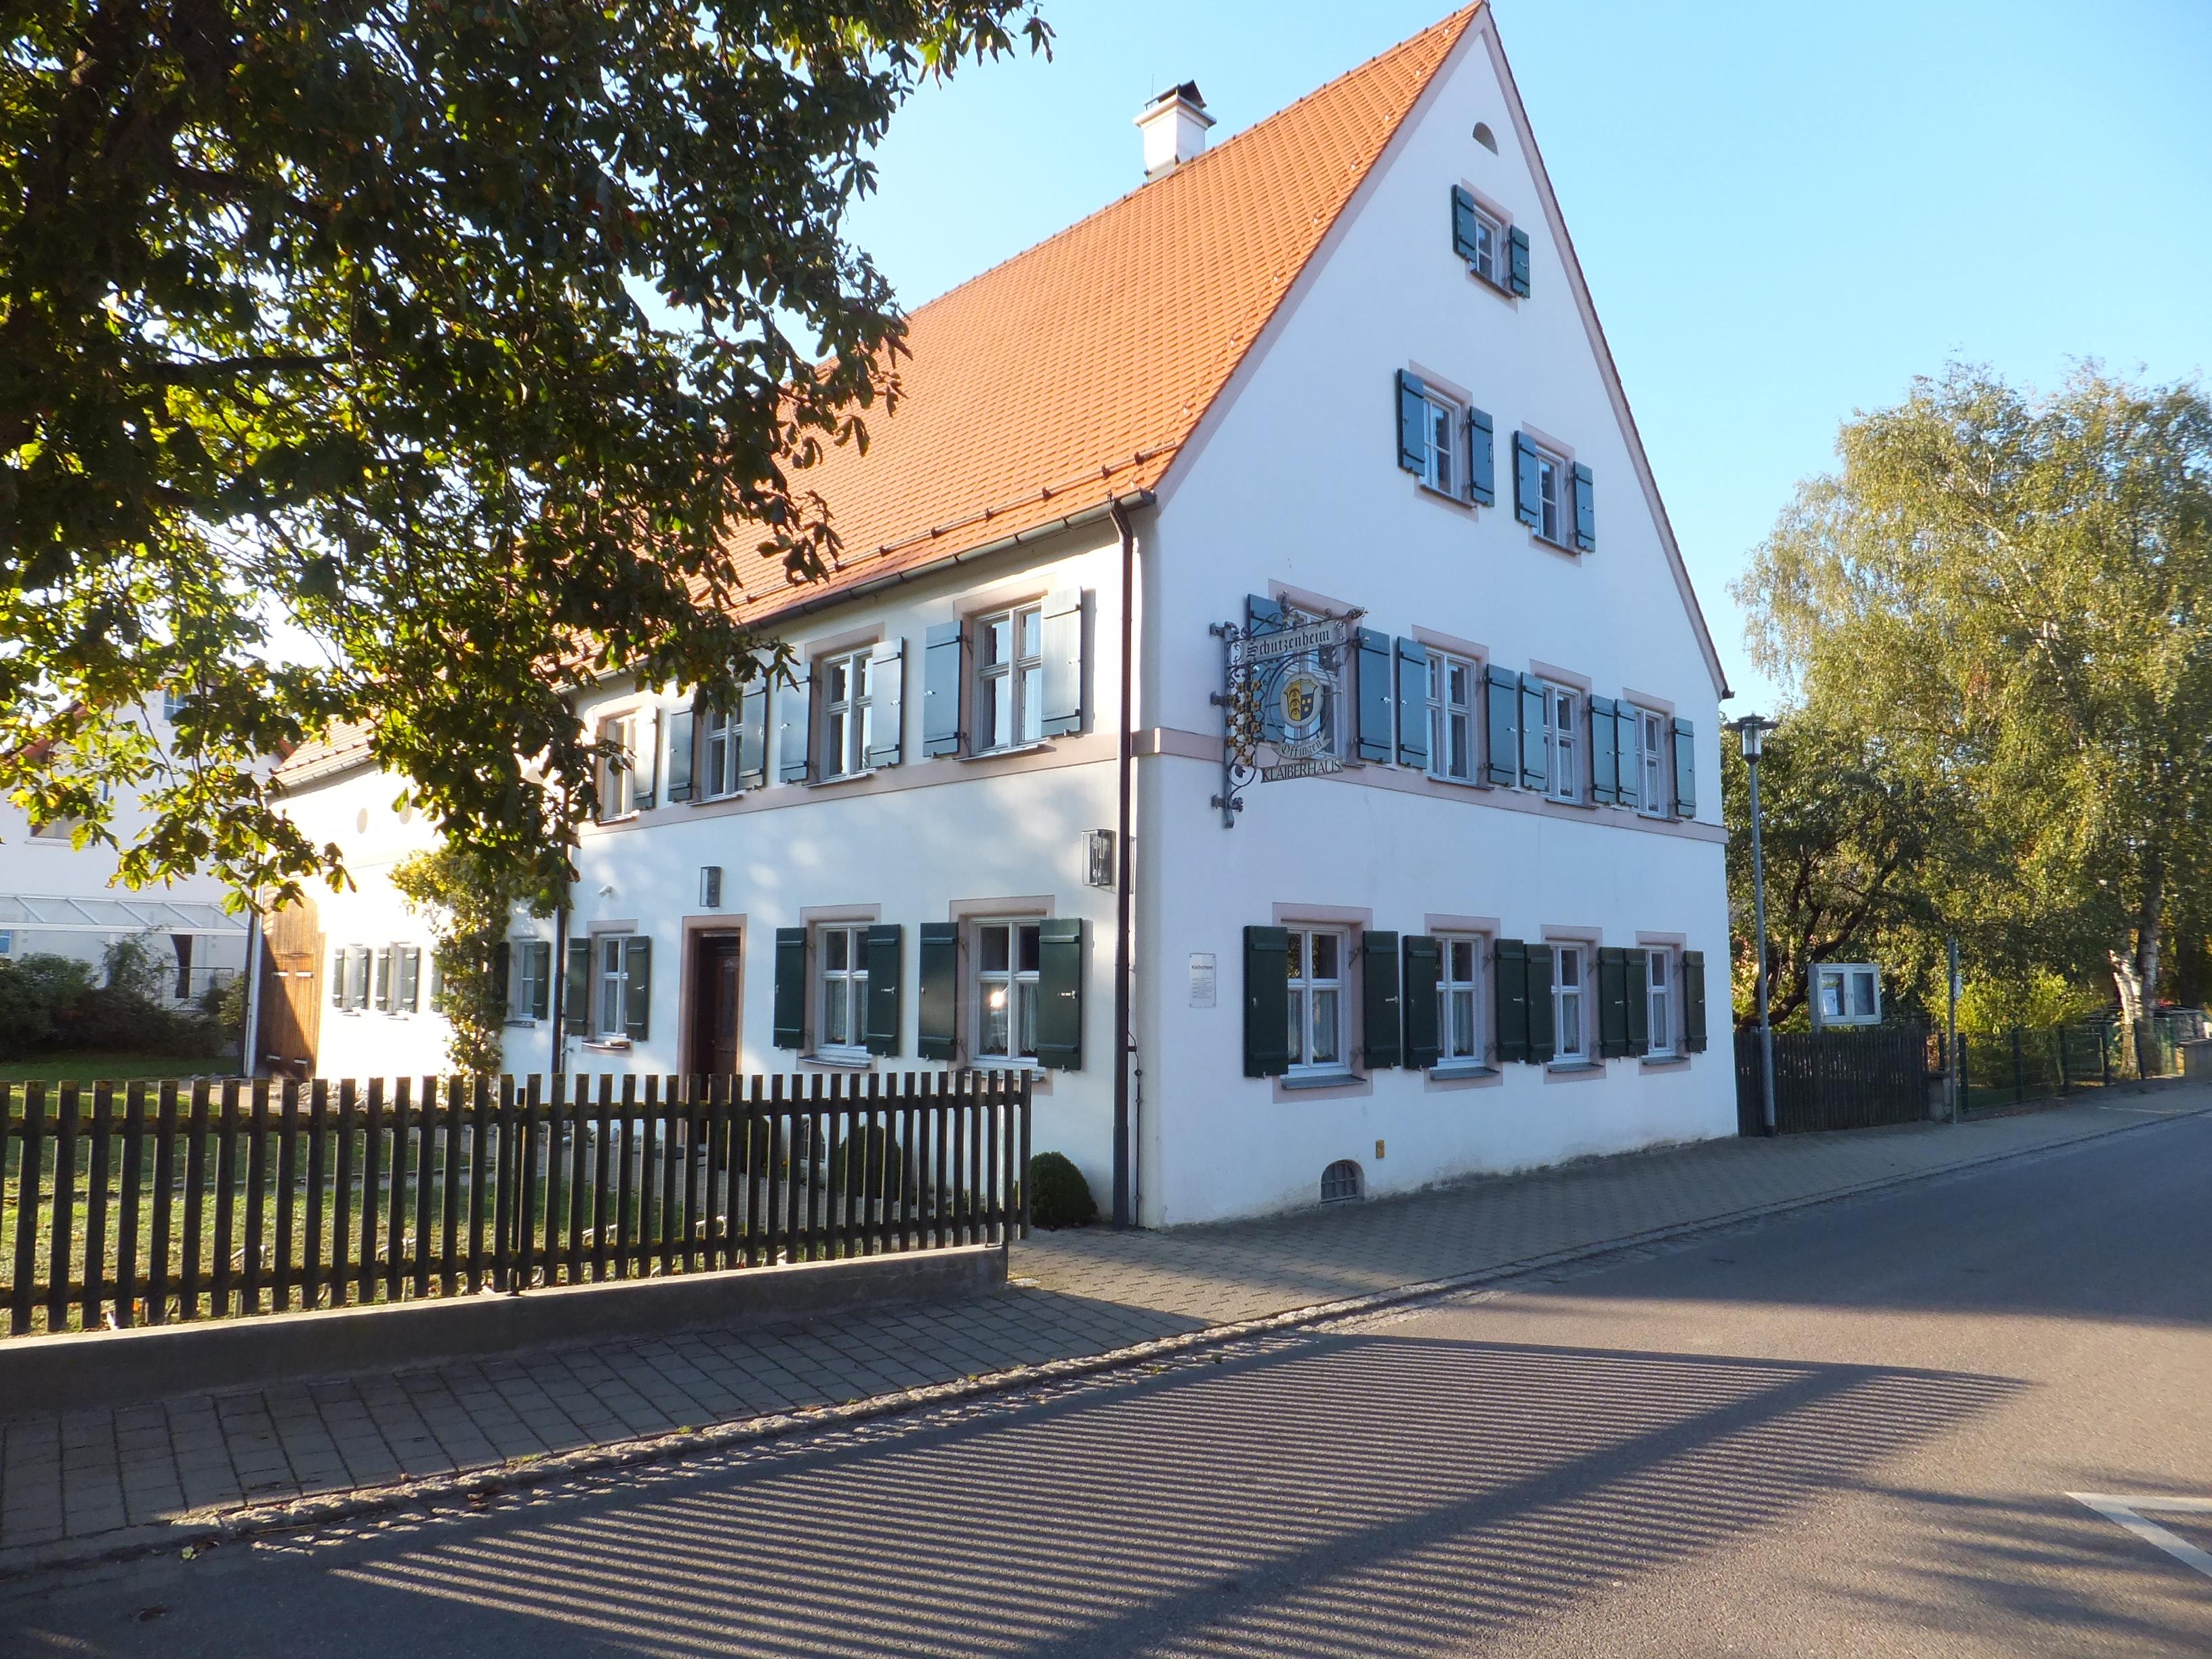 Blick auf Klaiberhaus und Eingangstür von Leonhardstraße aus